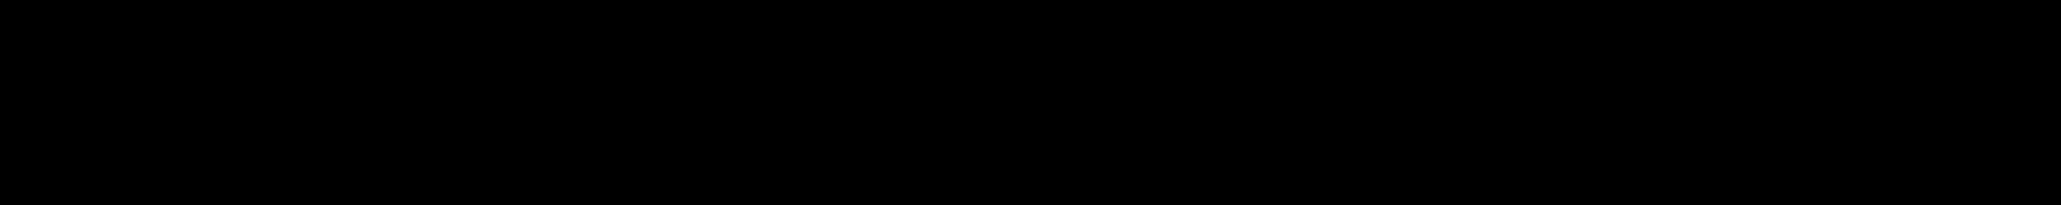 Unique Melody Logo black